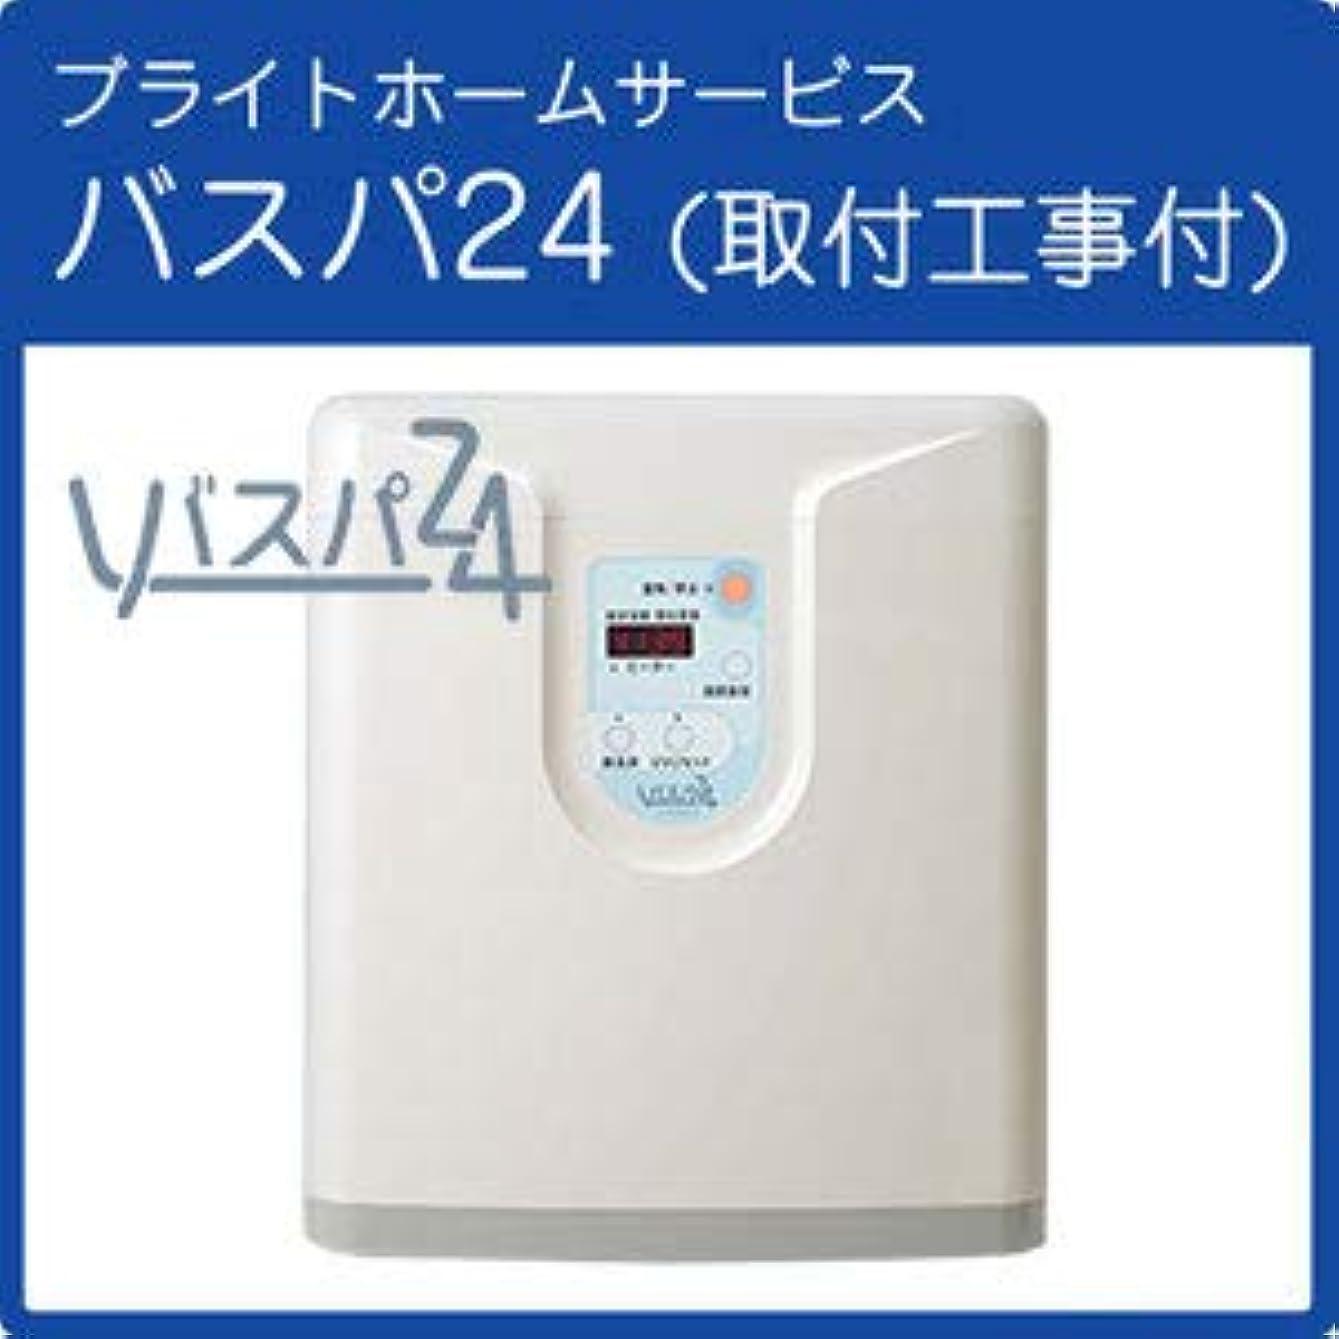 激怒消費するアシスタントブライトホームサービス 24時間風呂 循環温浴器 バスパ24 BHS-02B お取付工事付